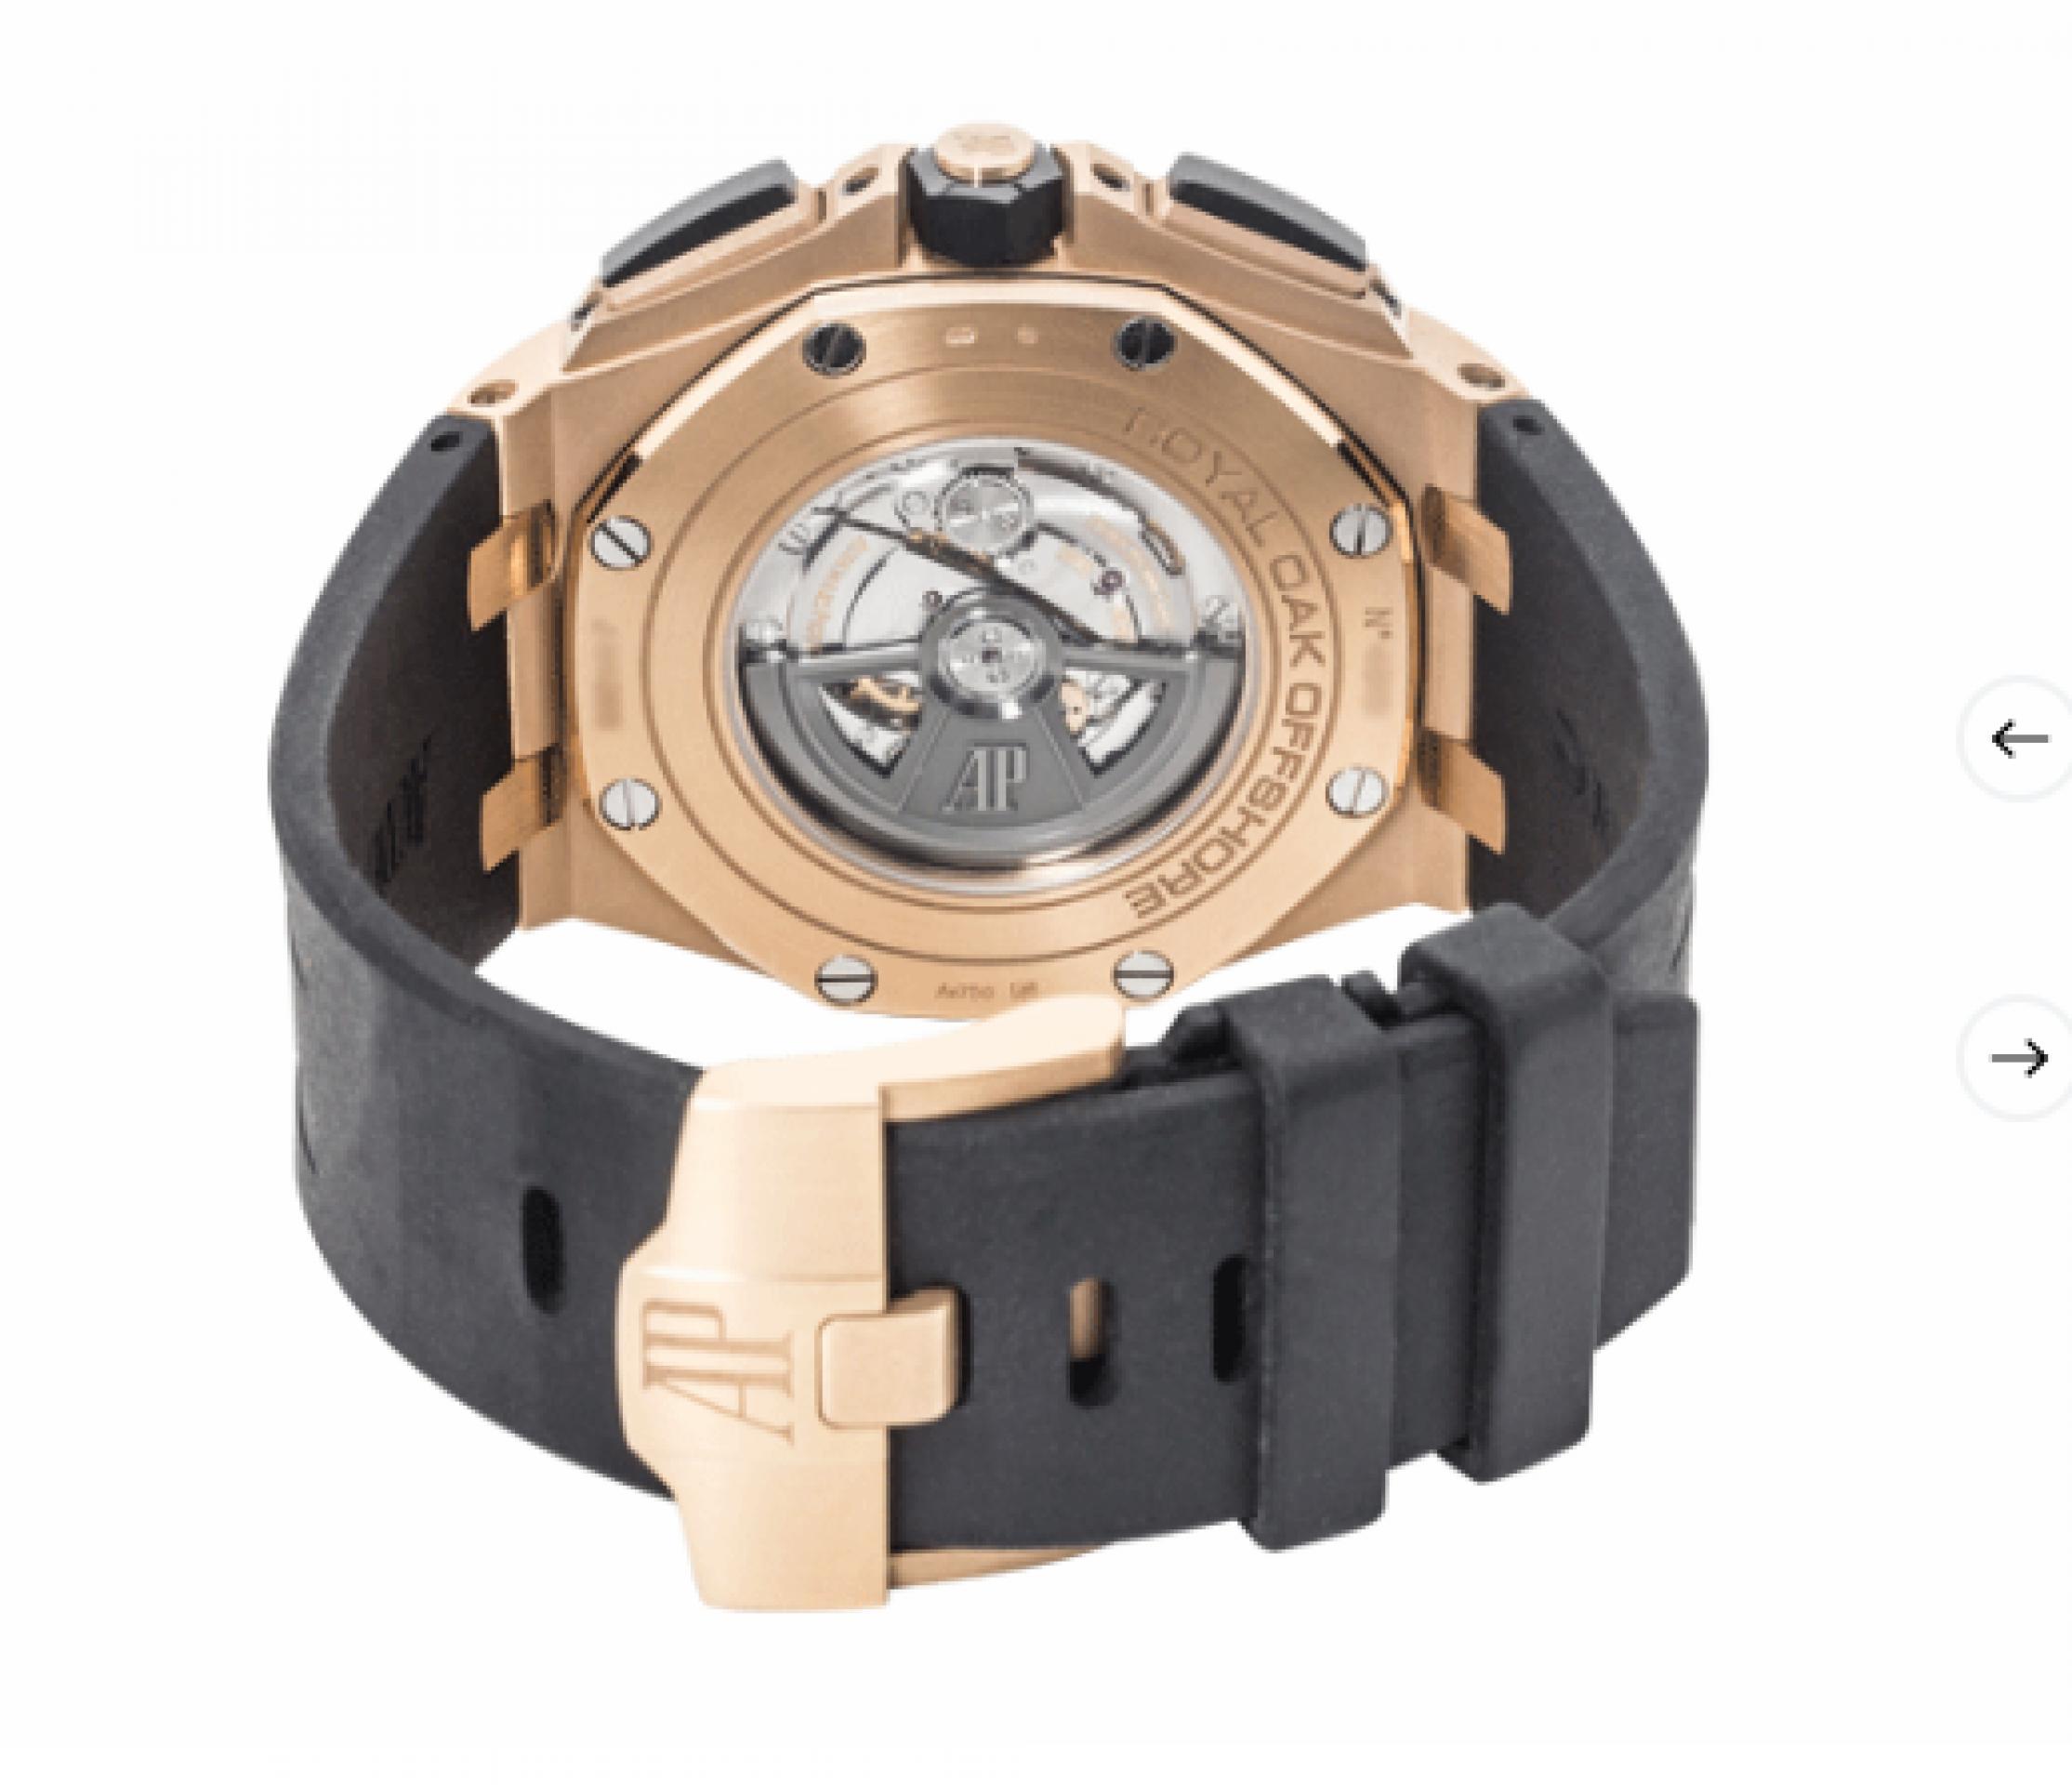 Audemars Piguet Royal Oak Offshore Chronograph Rose Gold Ceramic